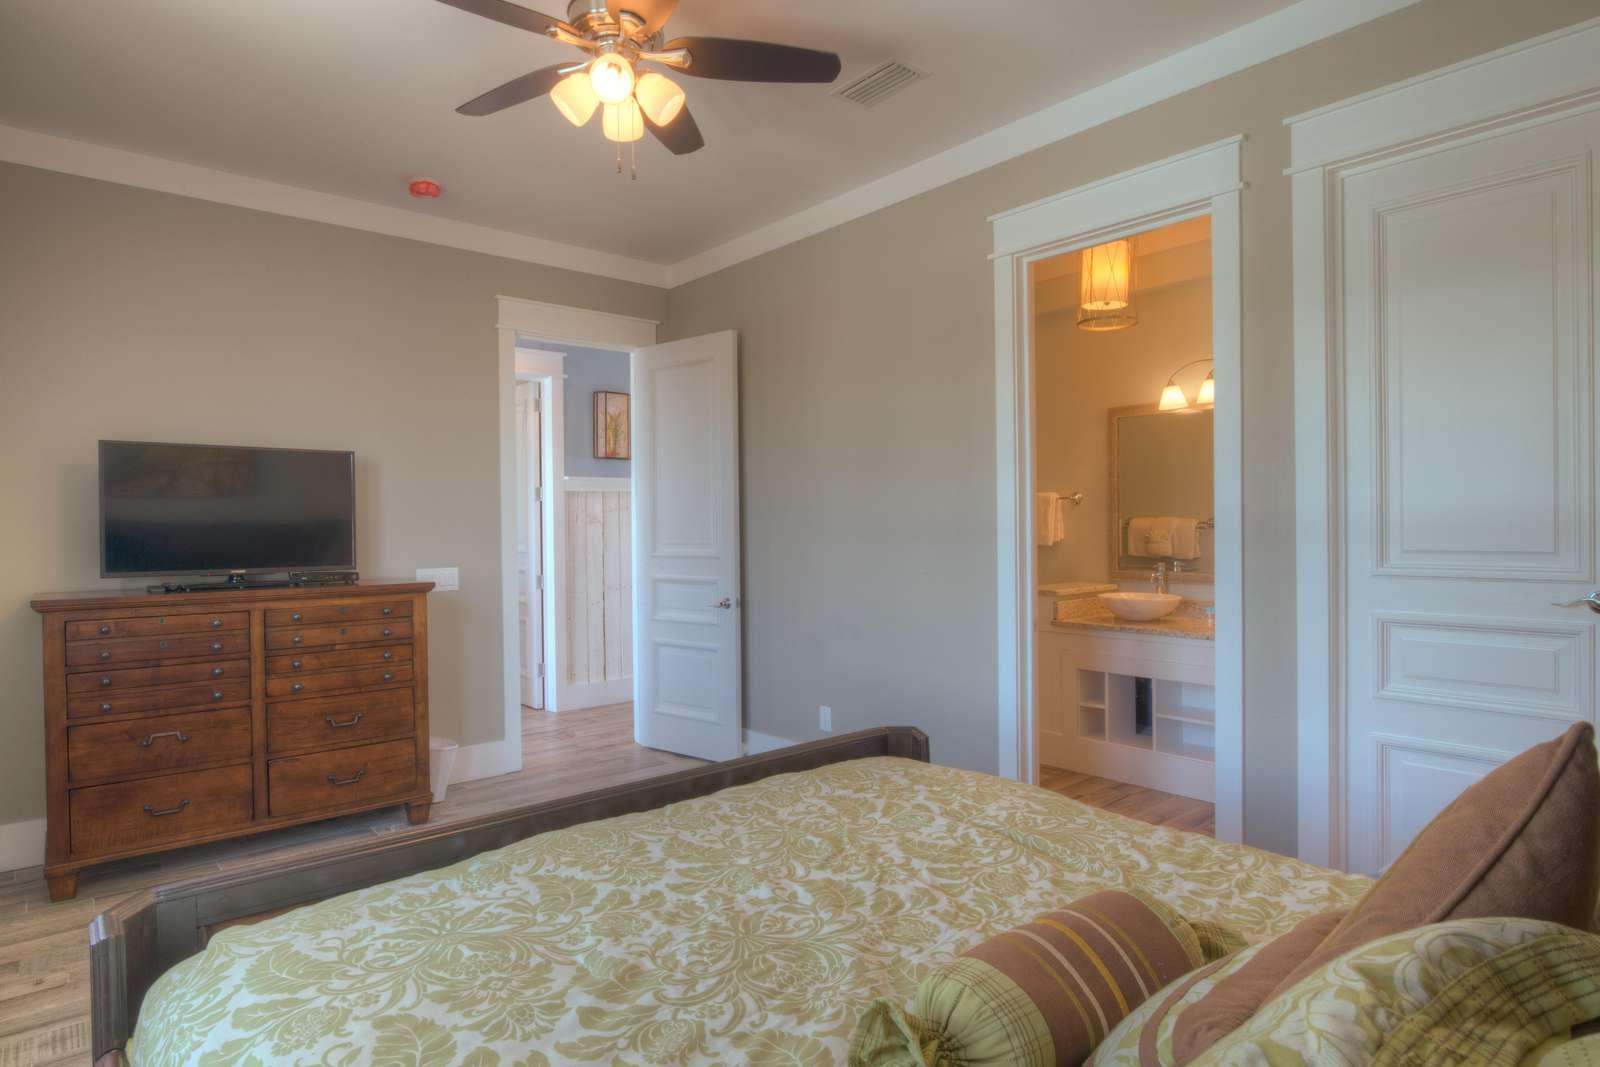 King Bedroom 1 - View 2